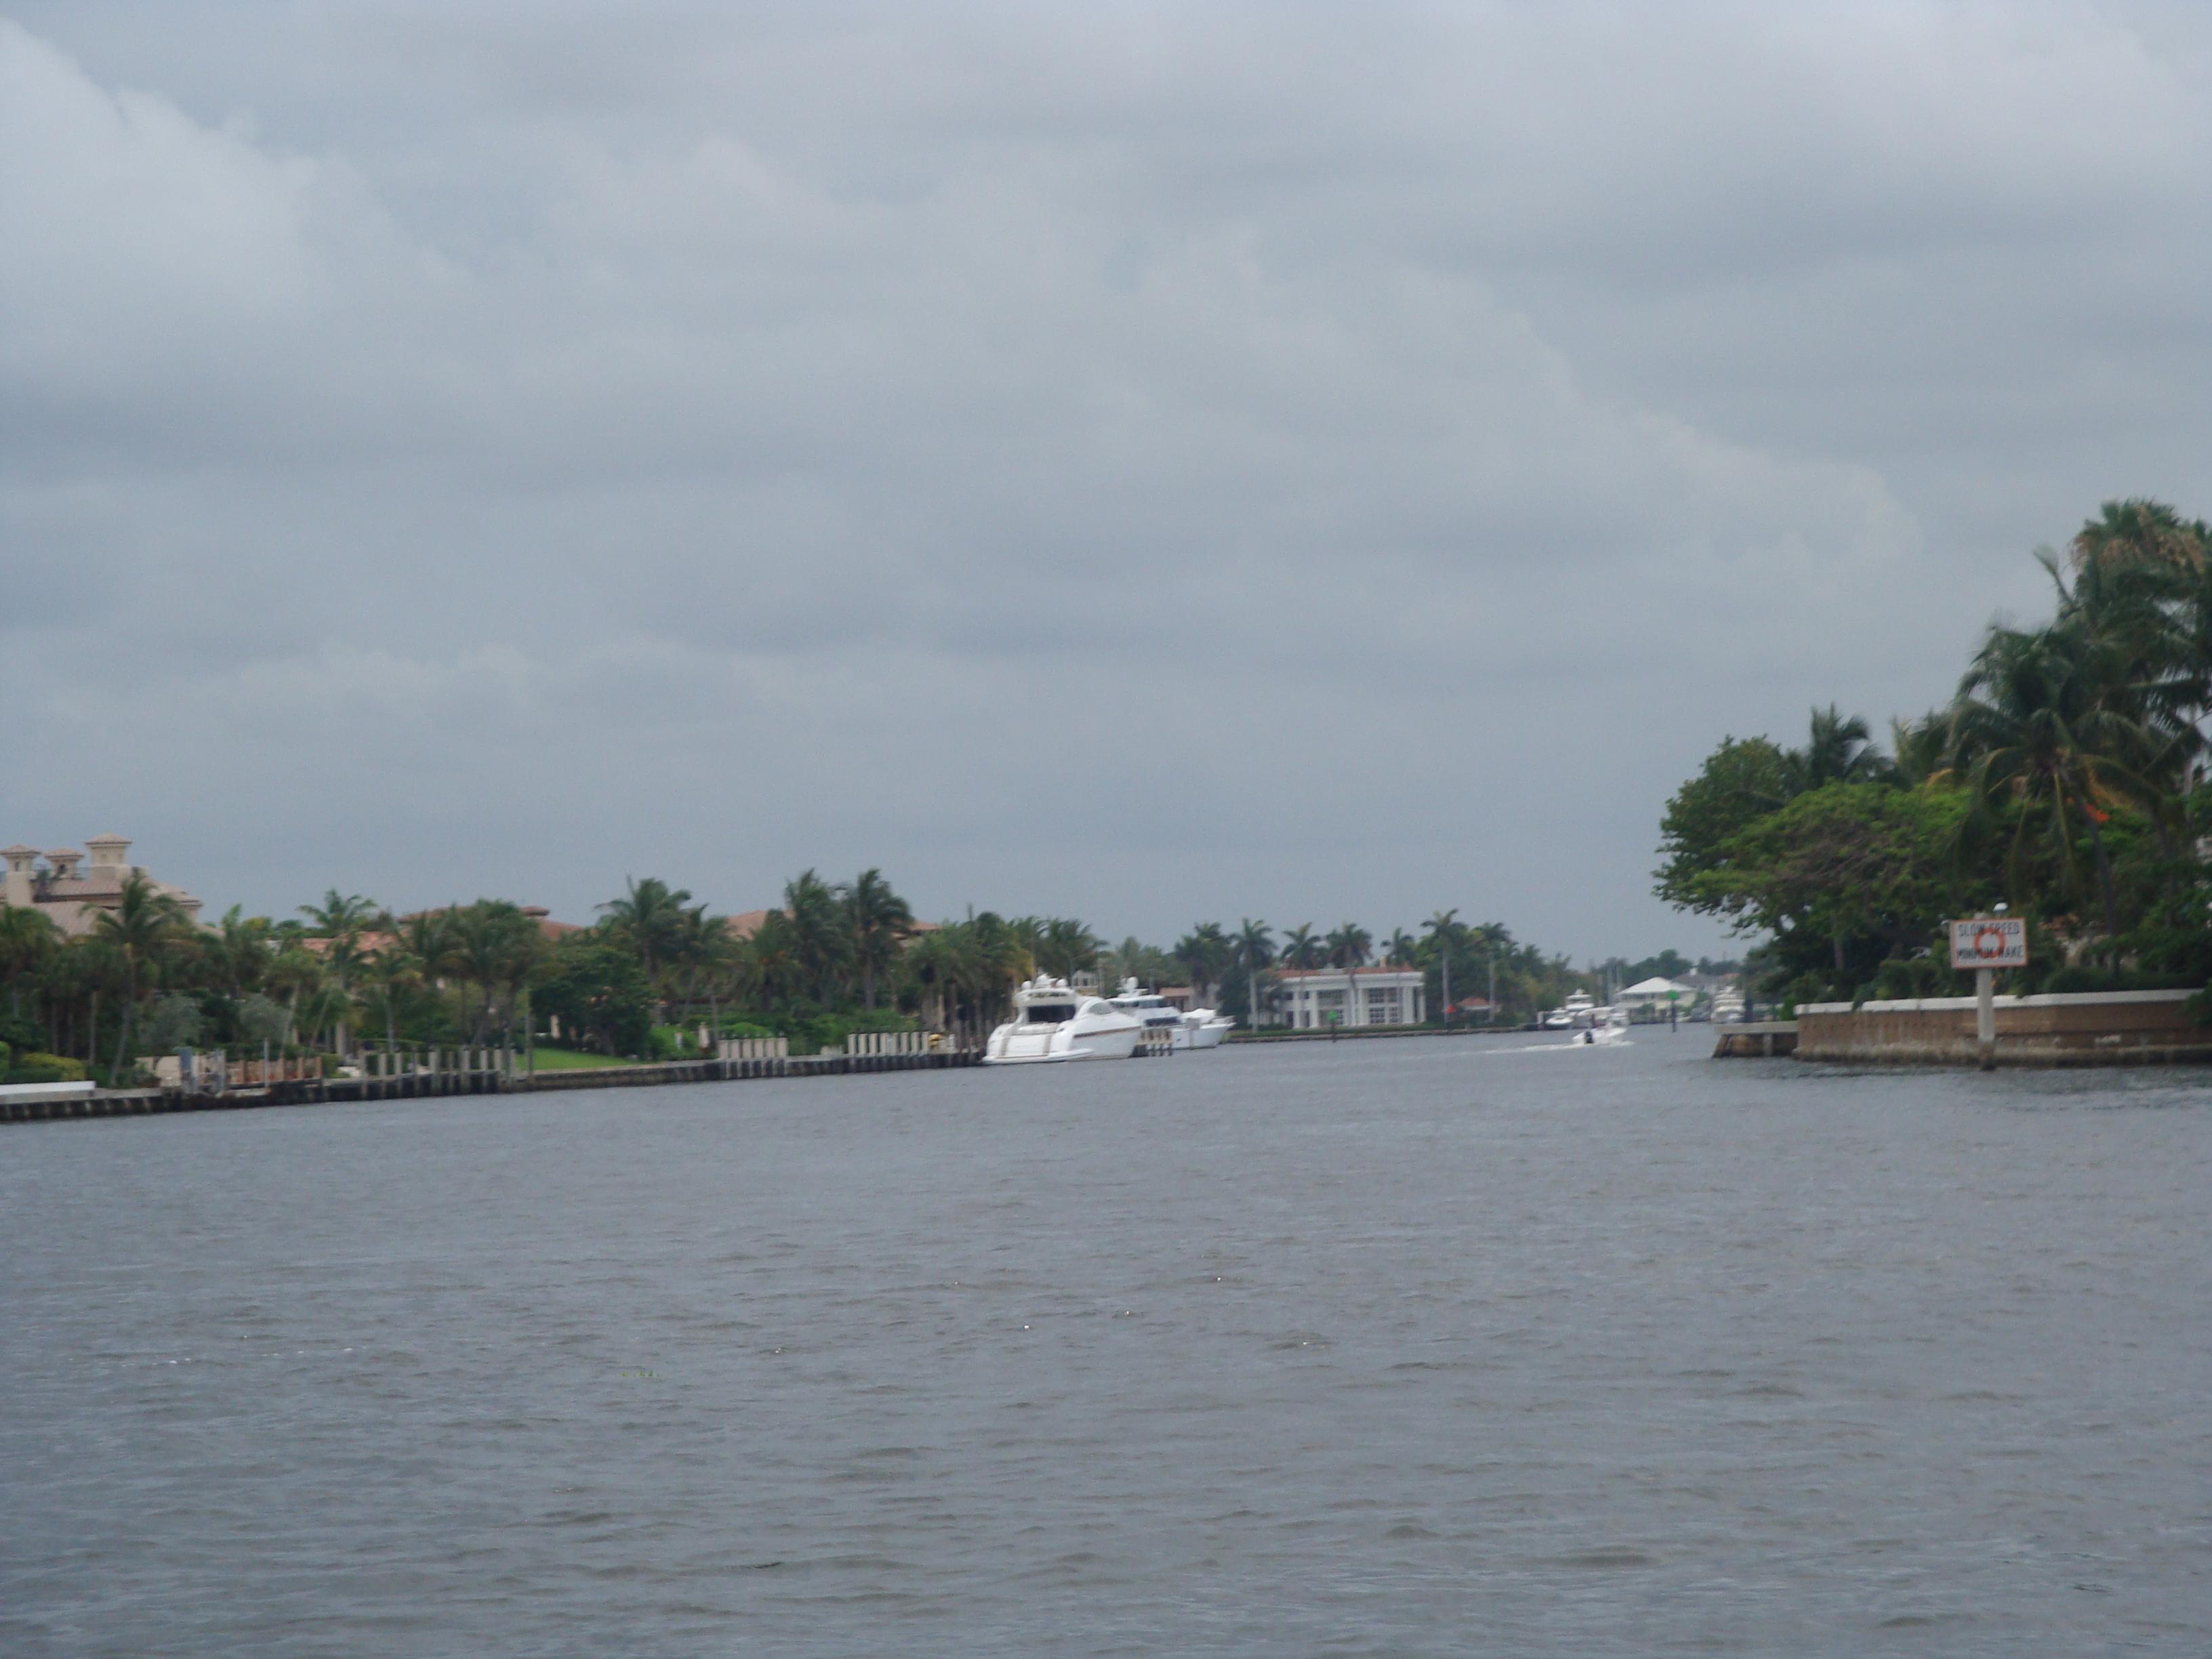 8.-Fort Lauderdale: los canales y los Yates I